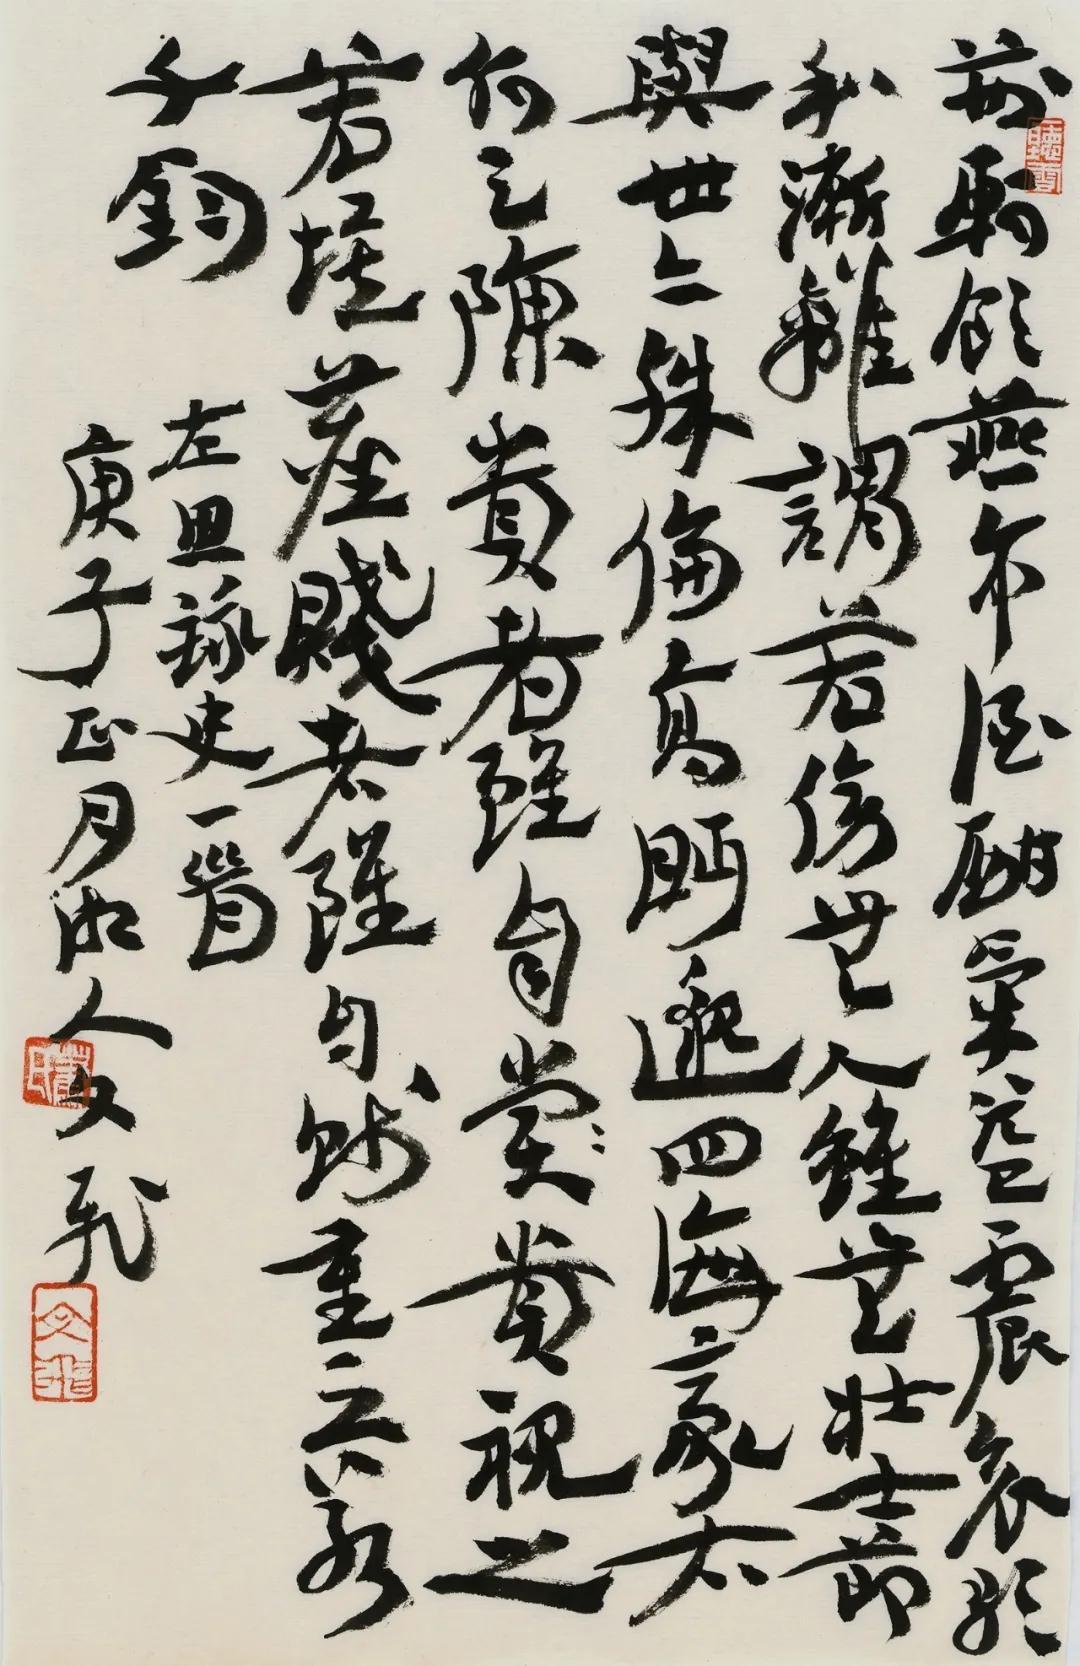 文飞橅古(一):简牍、章草及写经